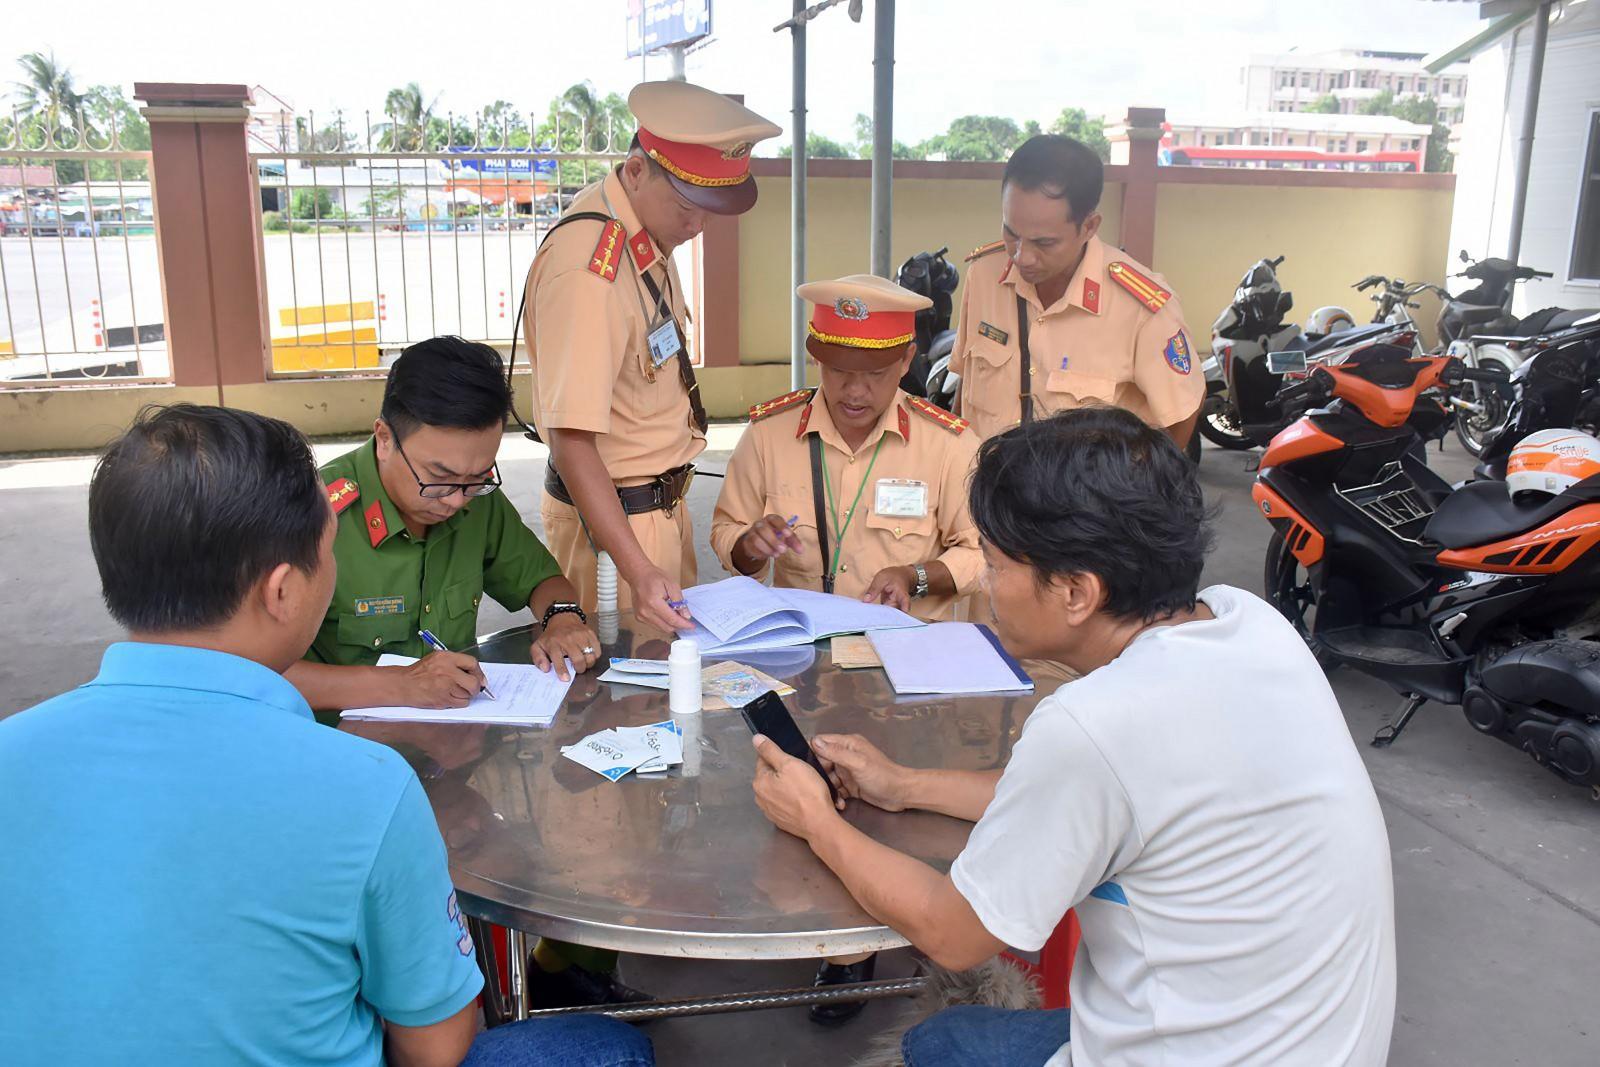 Cảnh sát giao thông Trạm Cửa ô Hưng Phú và Công an quận Cái Răng kiểm tra quy định về nồng độ cồn và ma túy đối với người điều khiển phương tiện lưu thông trên tuyến đường dẫn cầu Cần Thơ.